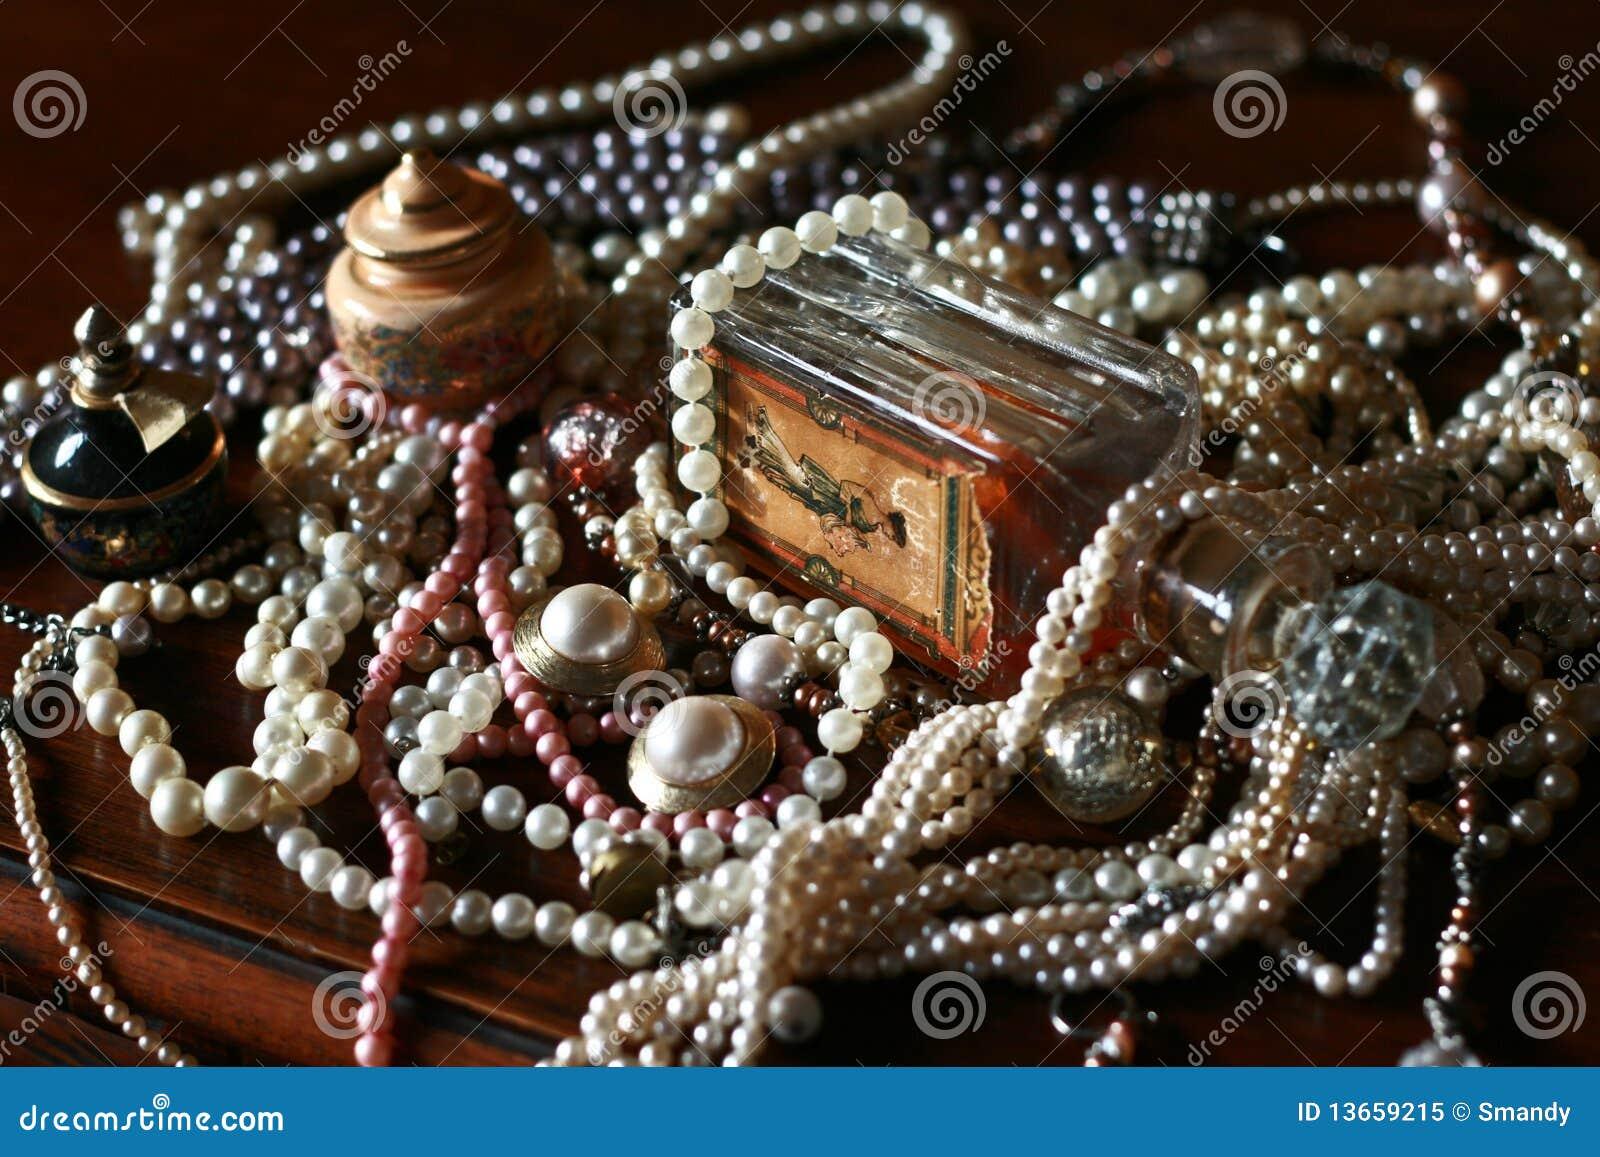 瓶老珍珠充满香气珍宝葡萄酒